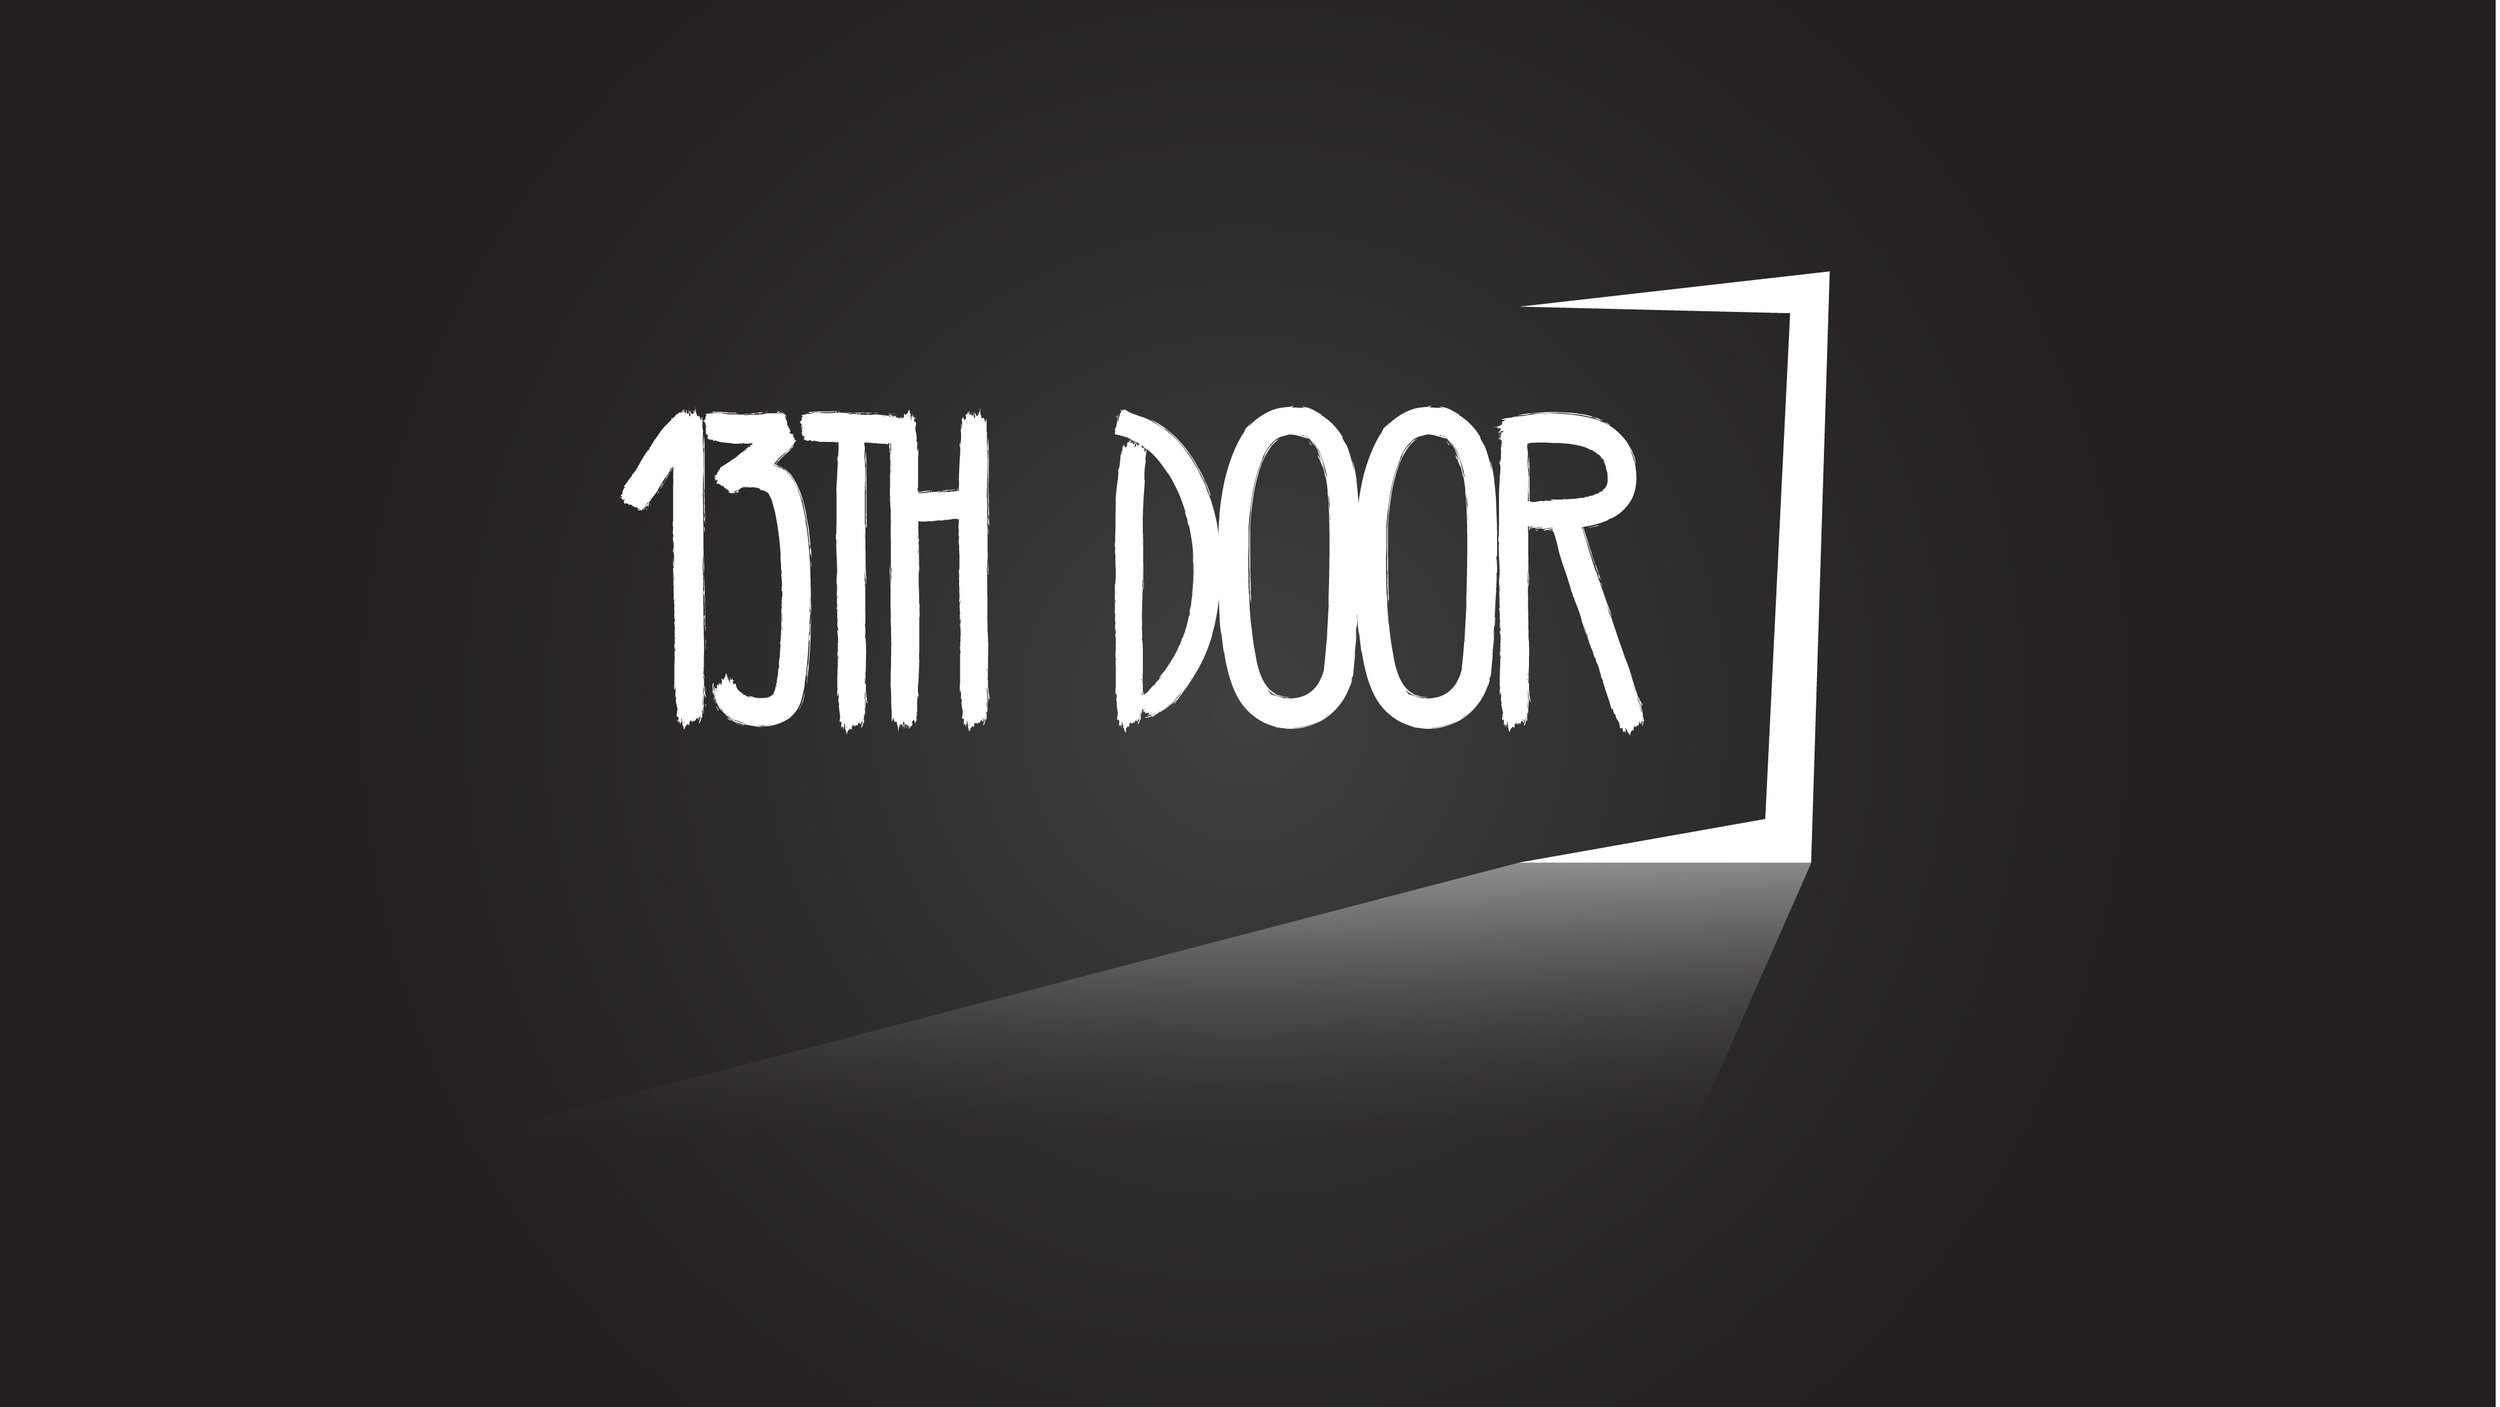 13th_door_gradient.jpg